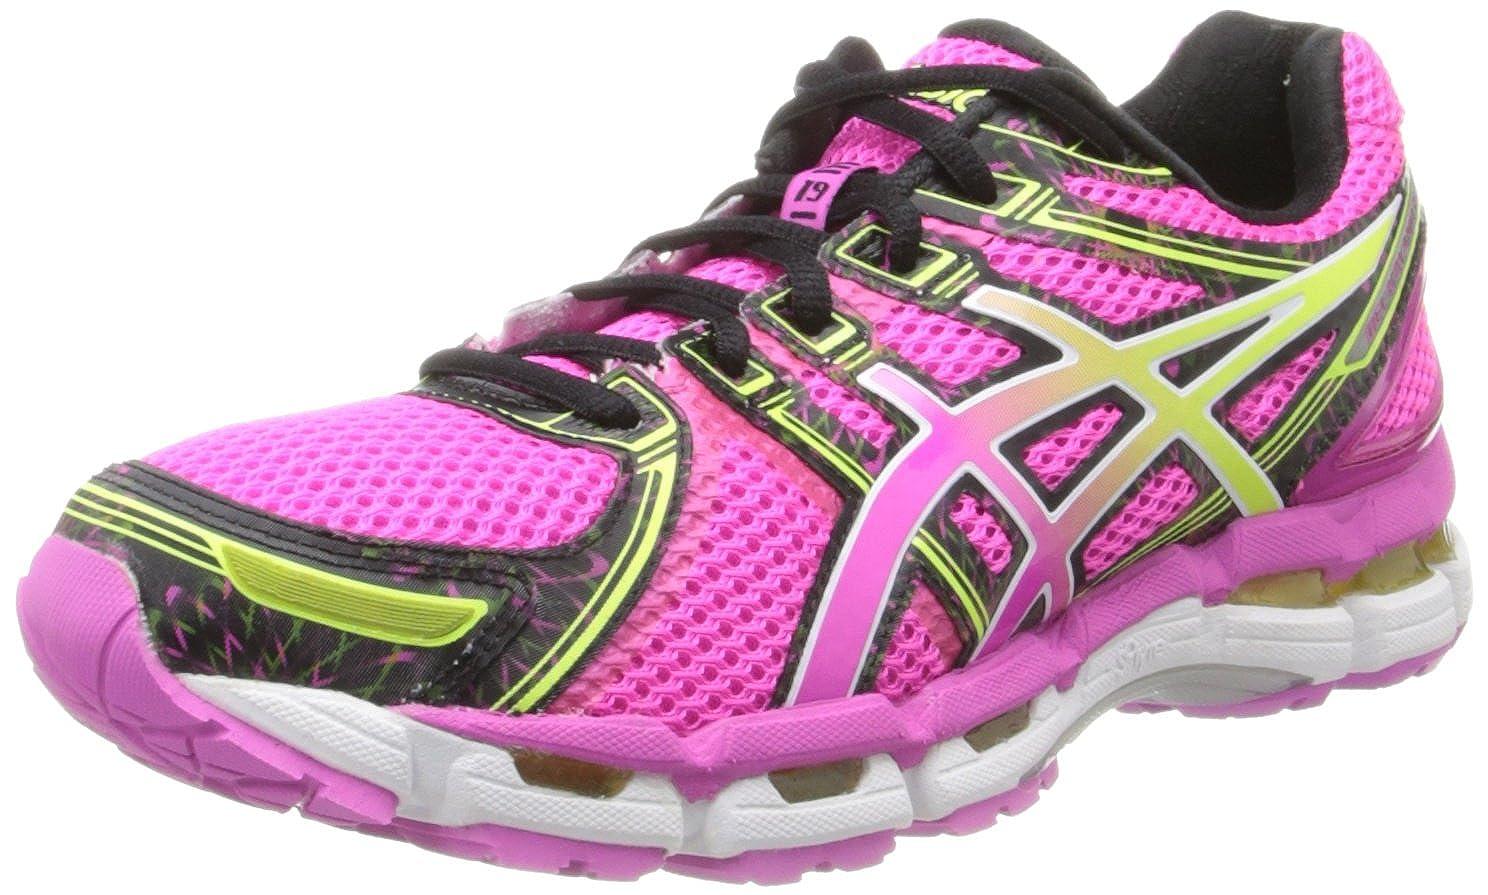 ASICS Gel Kayano 19, Damen Laufschuhe Neon PinkSunshine